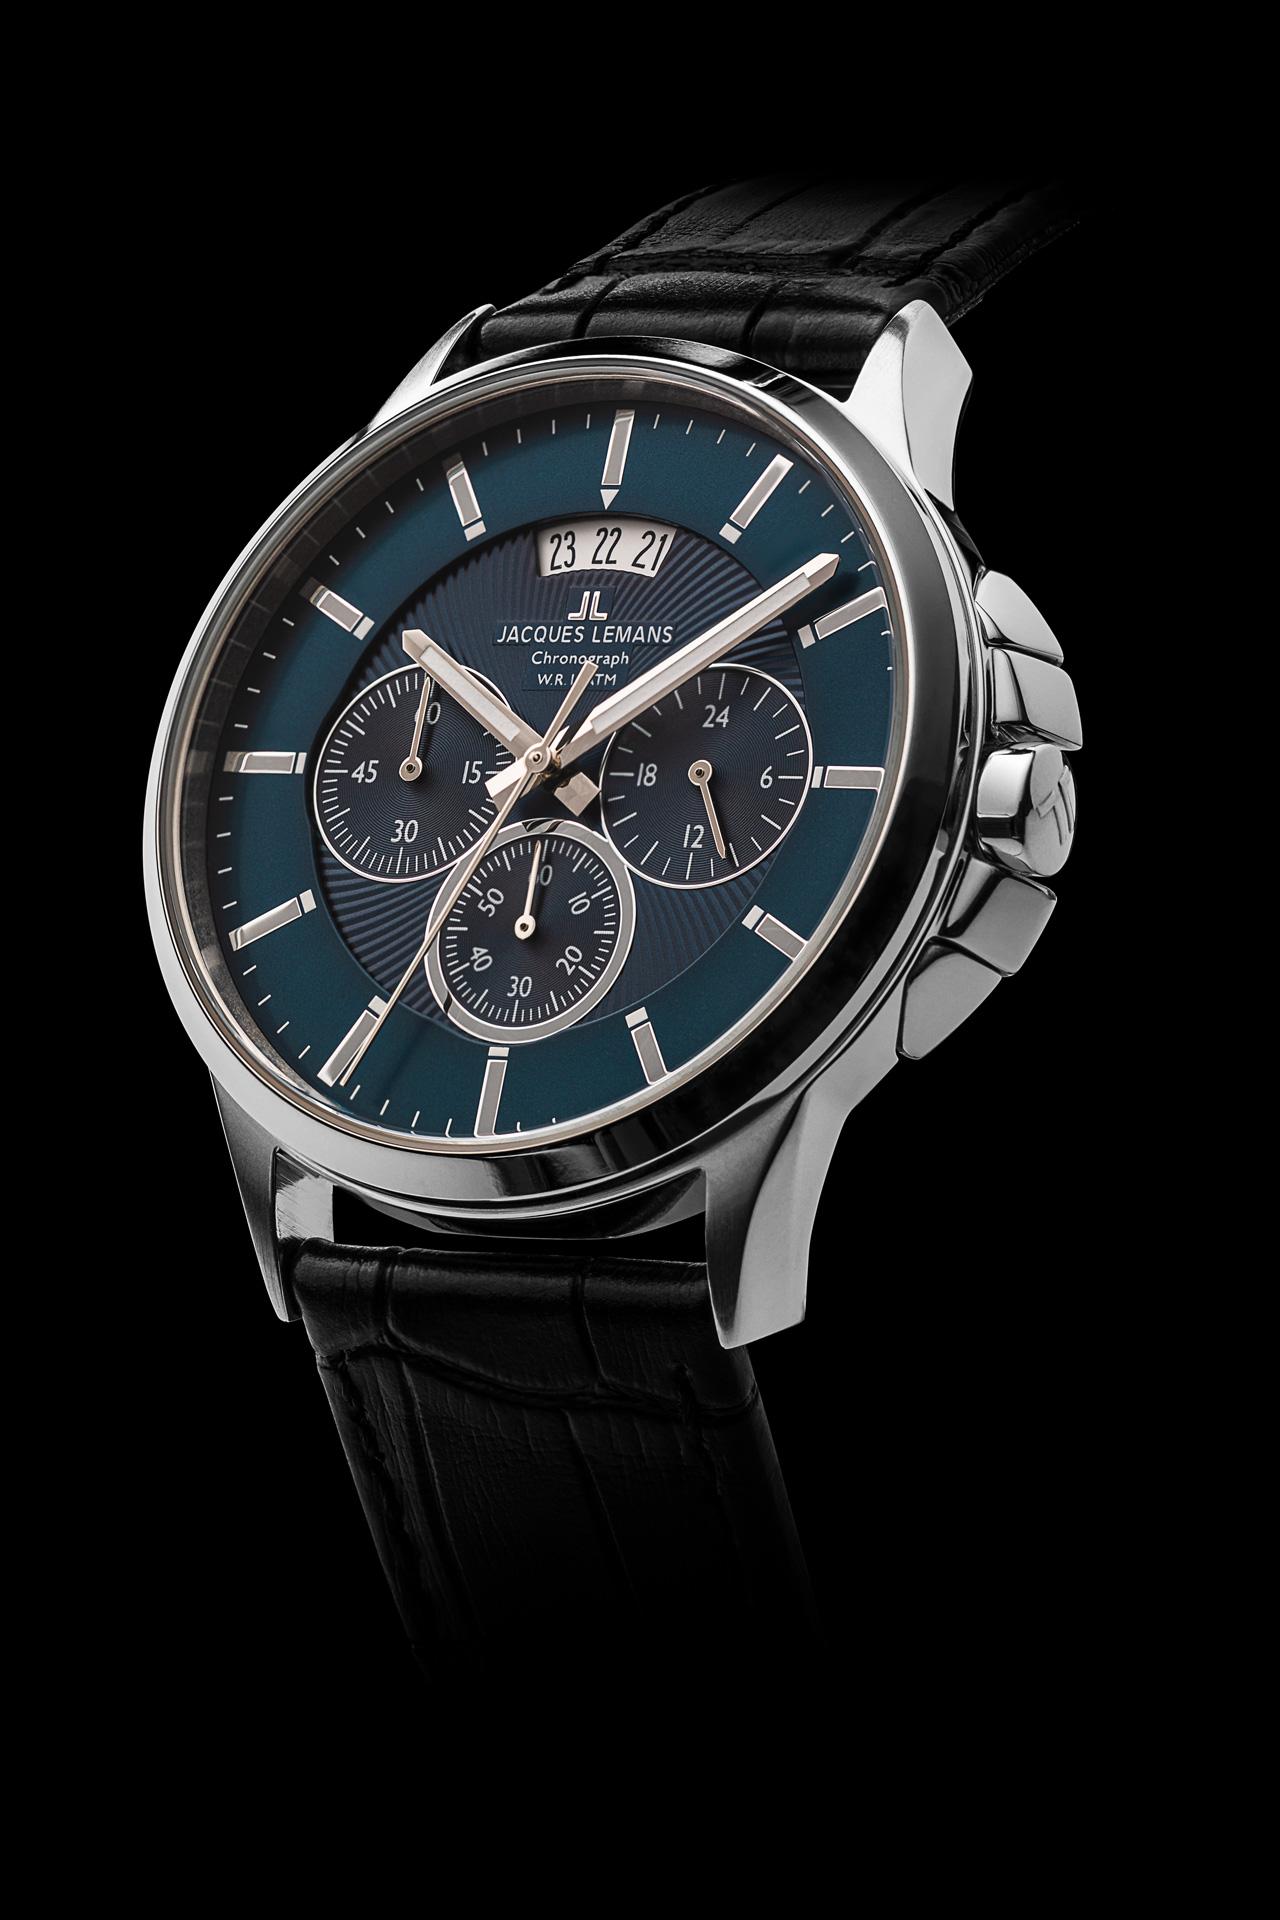 Jacques Lemans Sydney Chronometer